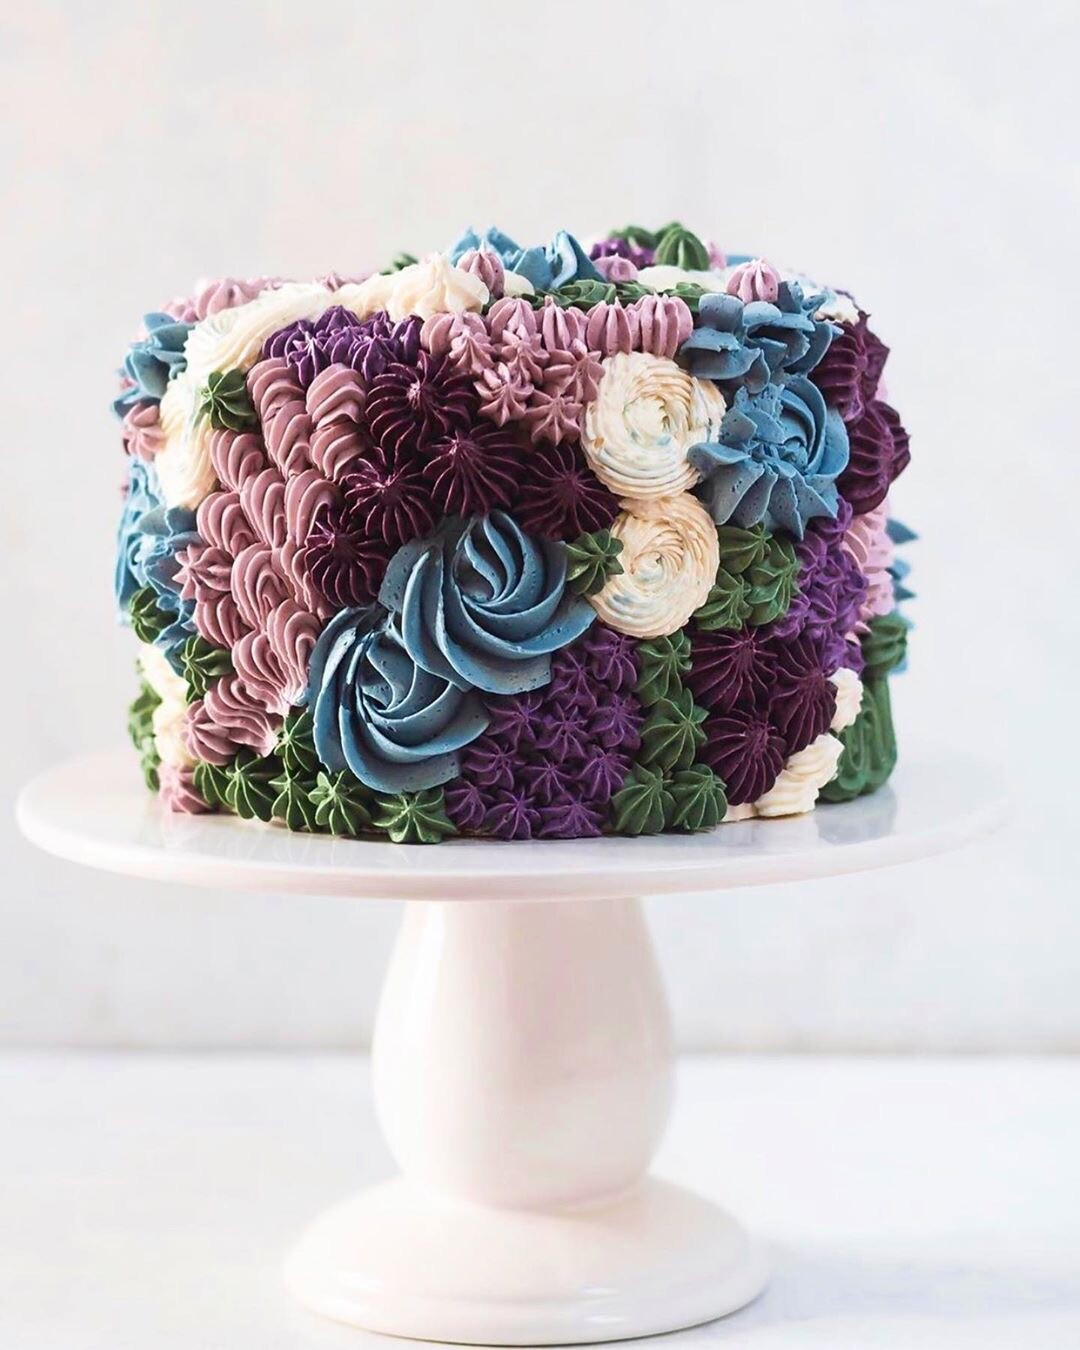 Кулинарное вдохновение: 50 идей, как украсить торт кремом